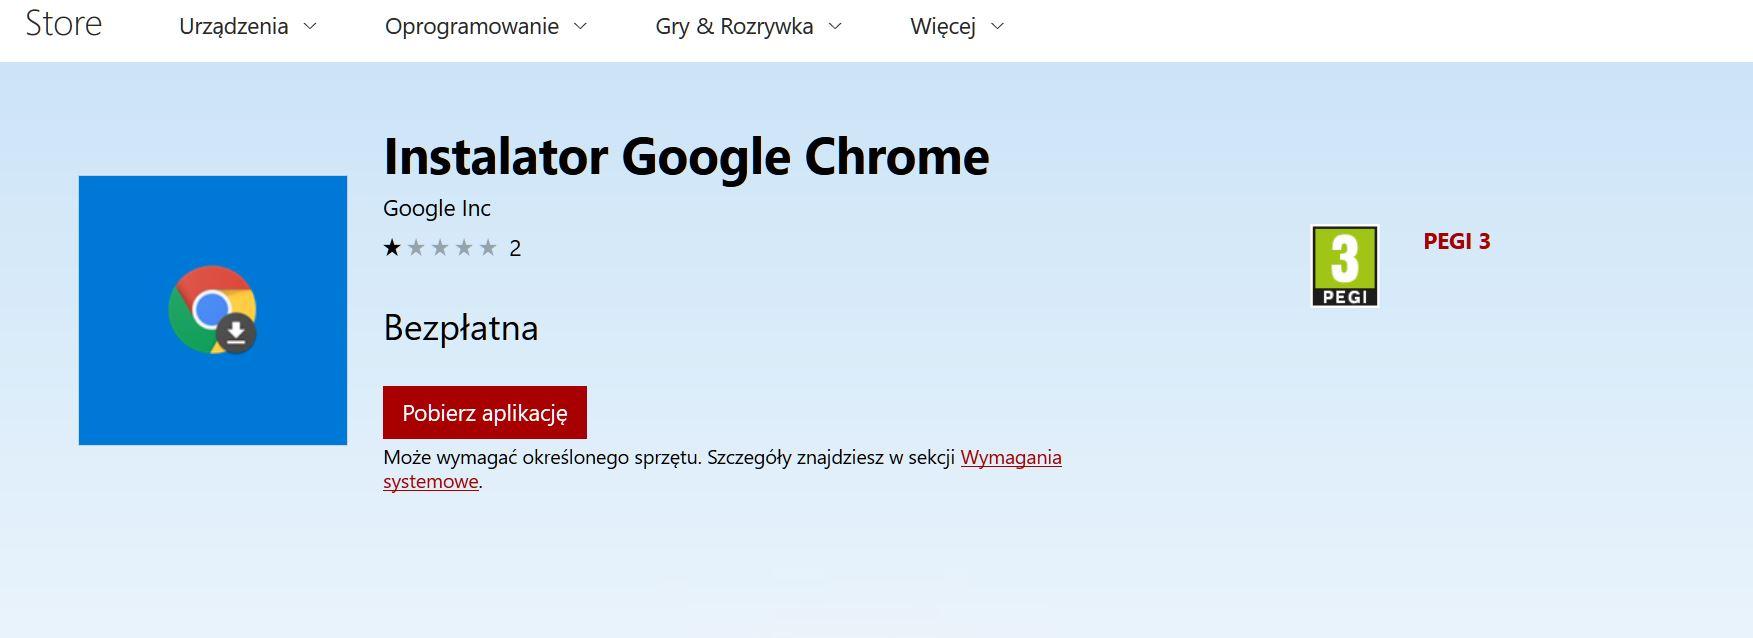 instalator Google Chrome